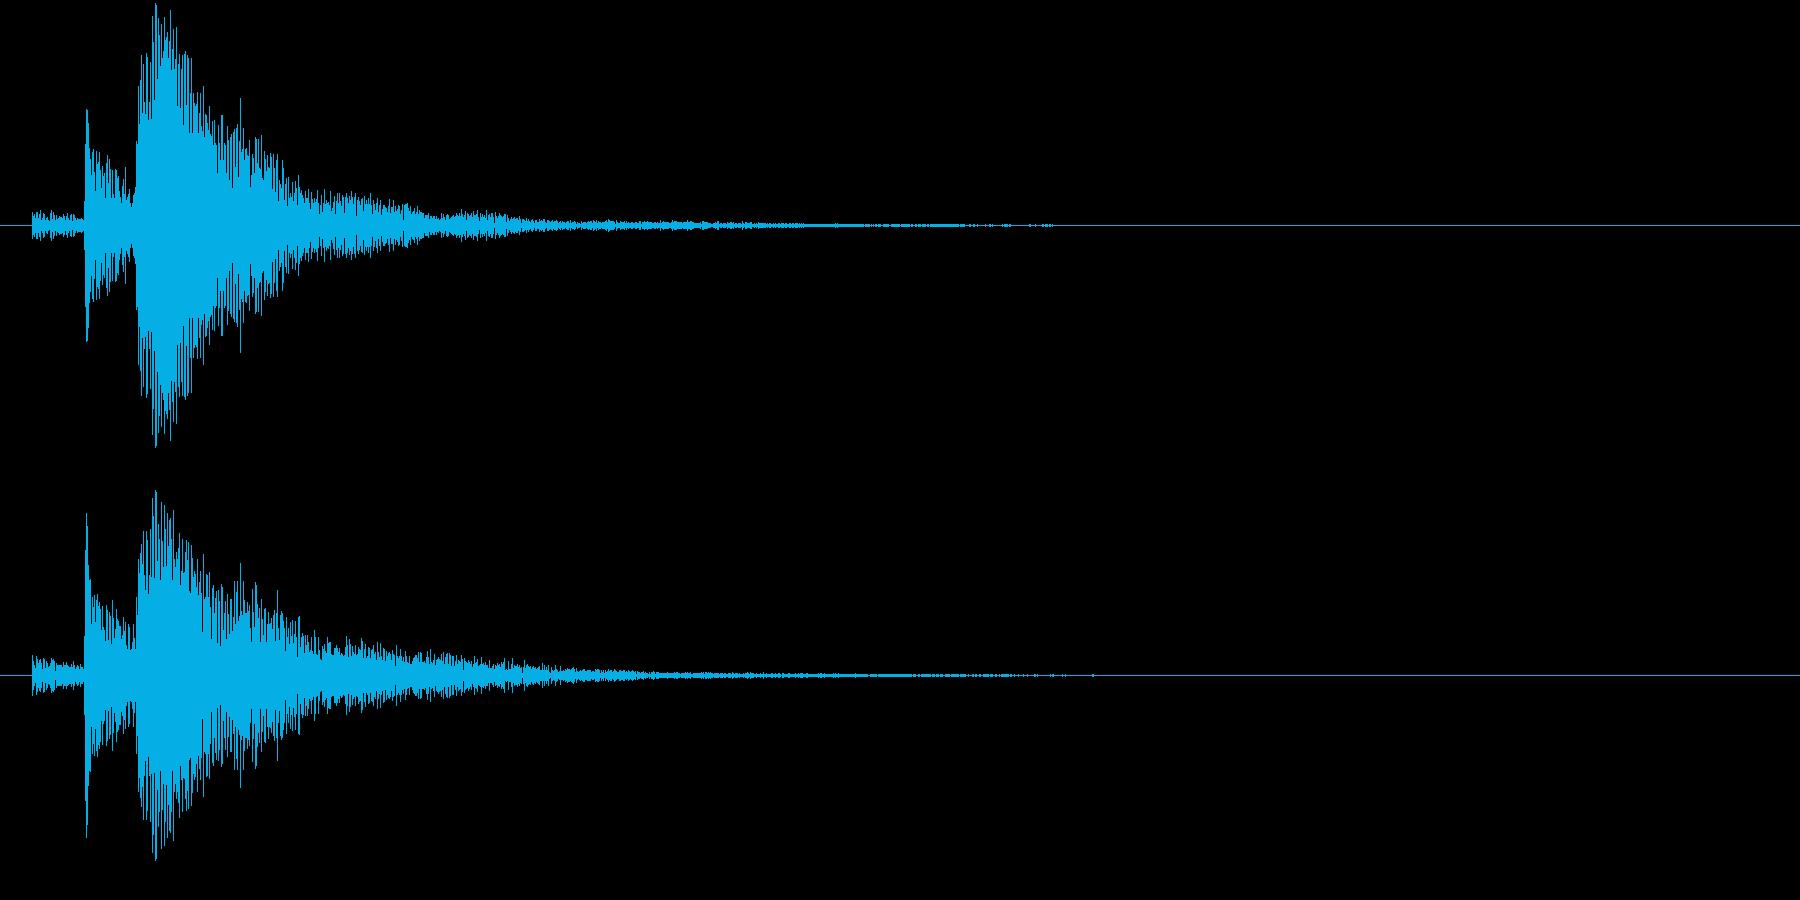 インドの桶太鼓Dholドール連打音+FXの再生済みの波形